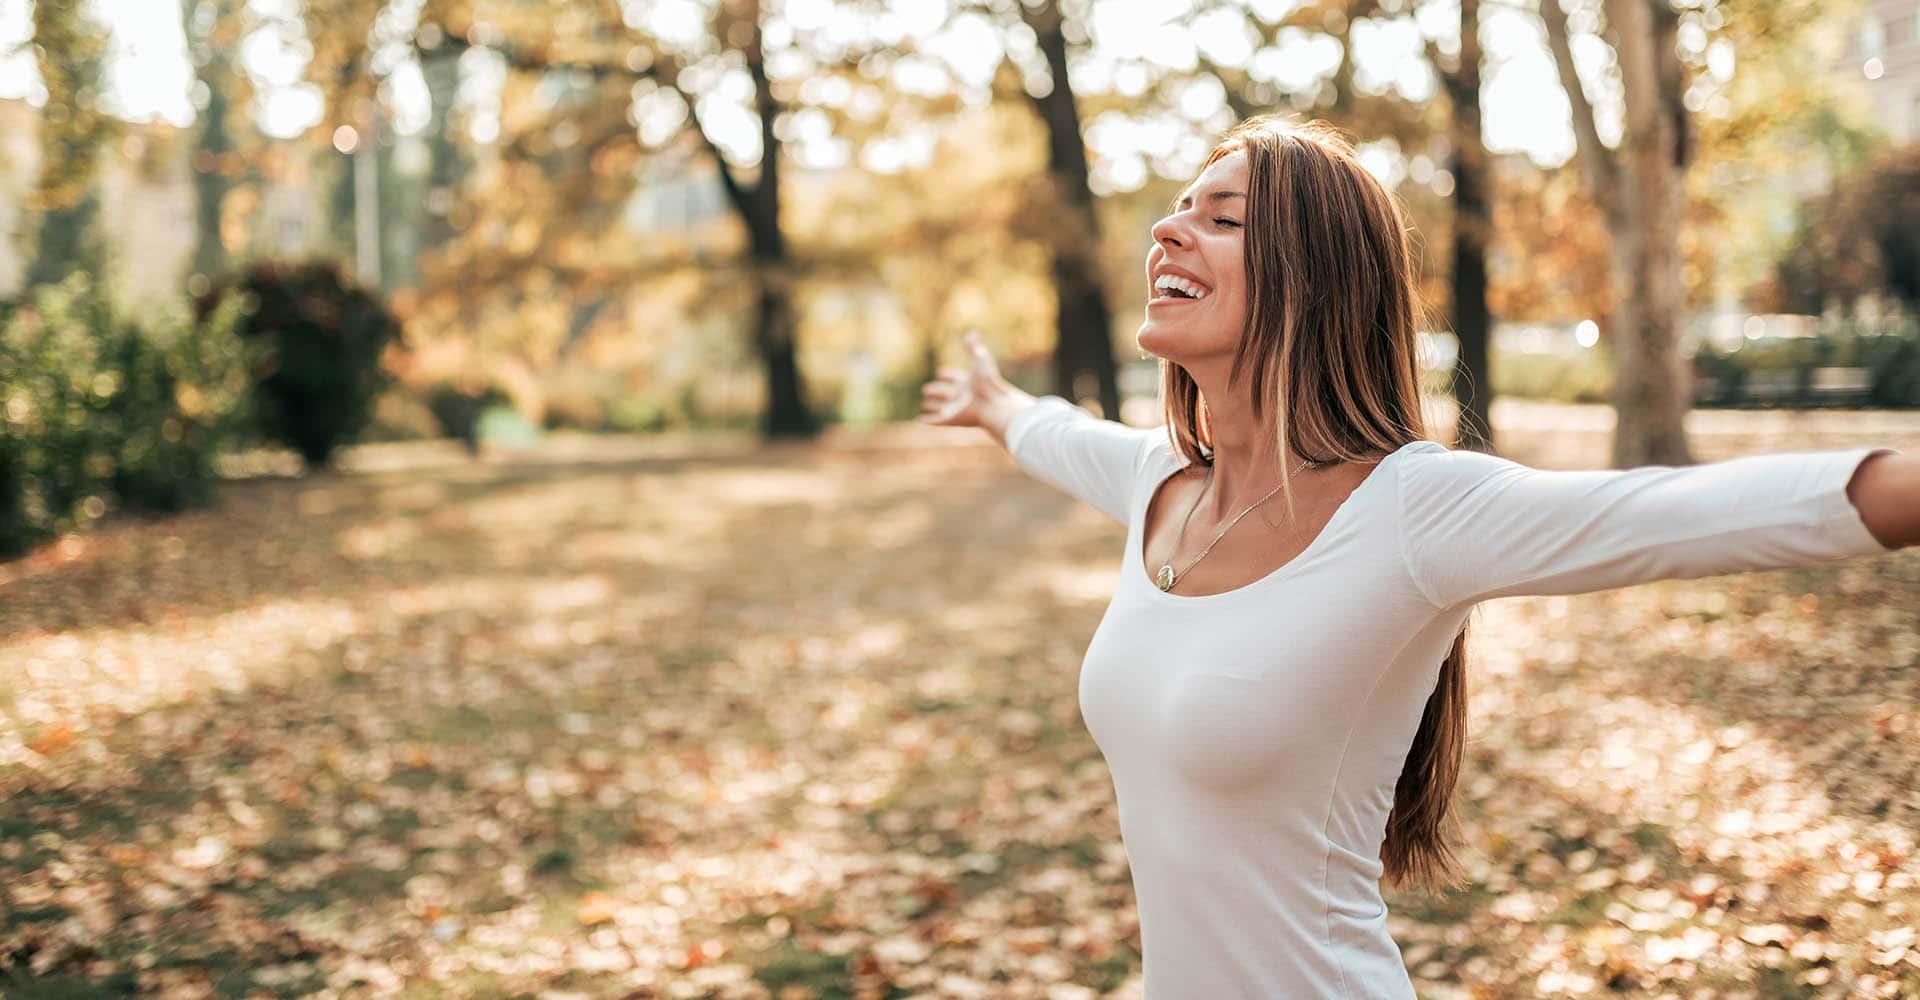 Frau macht Atemübungen im Freien - Atemübungen Tipps 2020